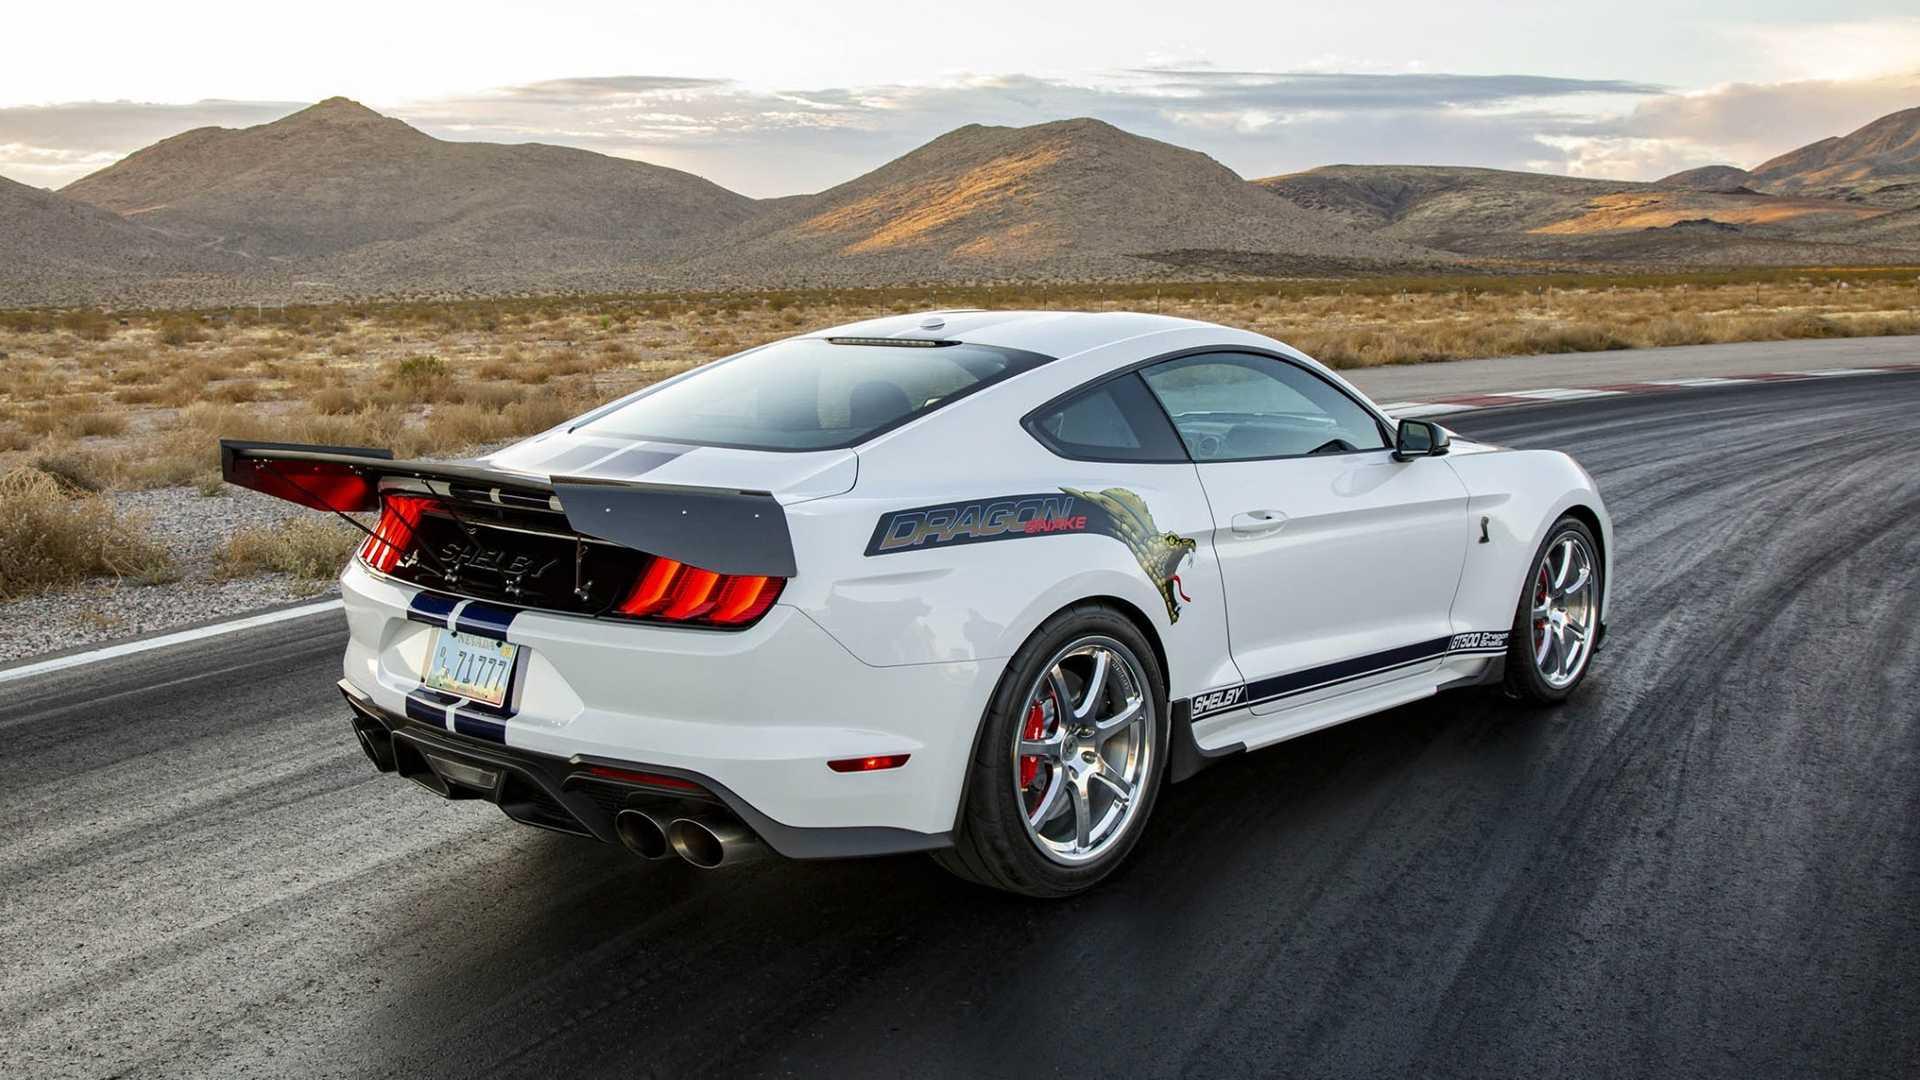 Компания Shelby American специально для тюнинг-шоу SEMA создала сразу два безумных проекта на базе серийных моделей марки Ford – пикапа F-150 Raptor и спорткара Mustang.